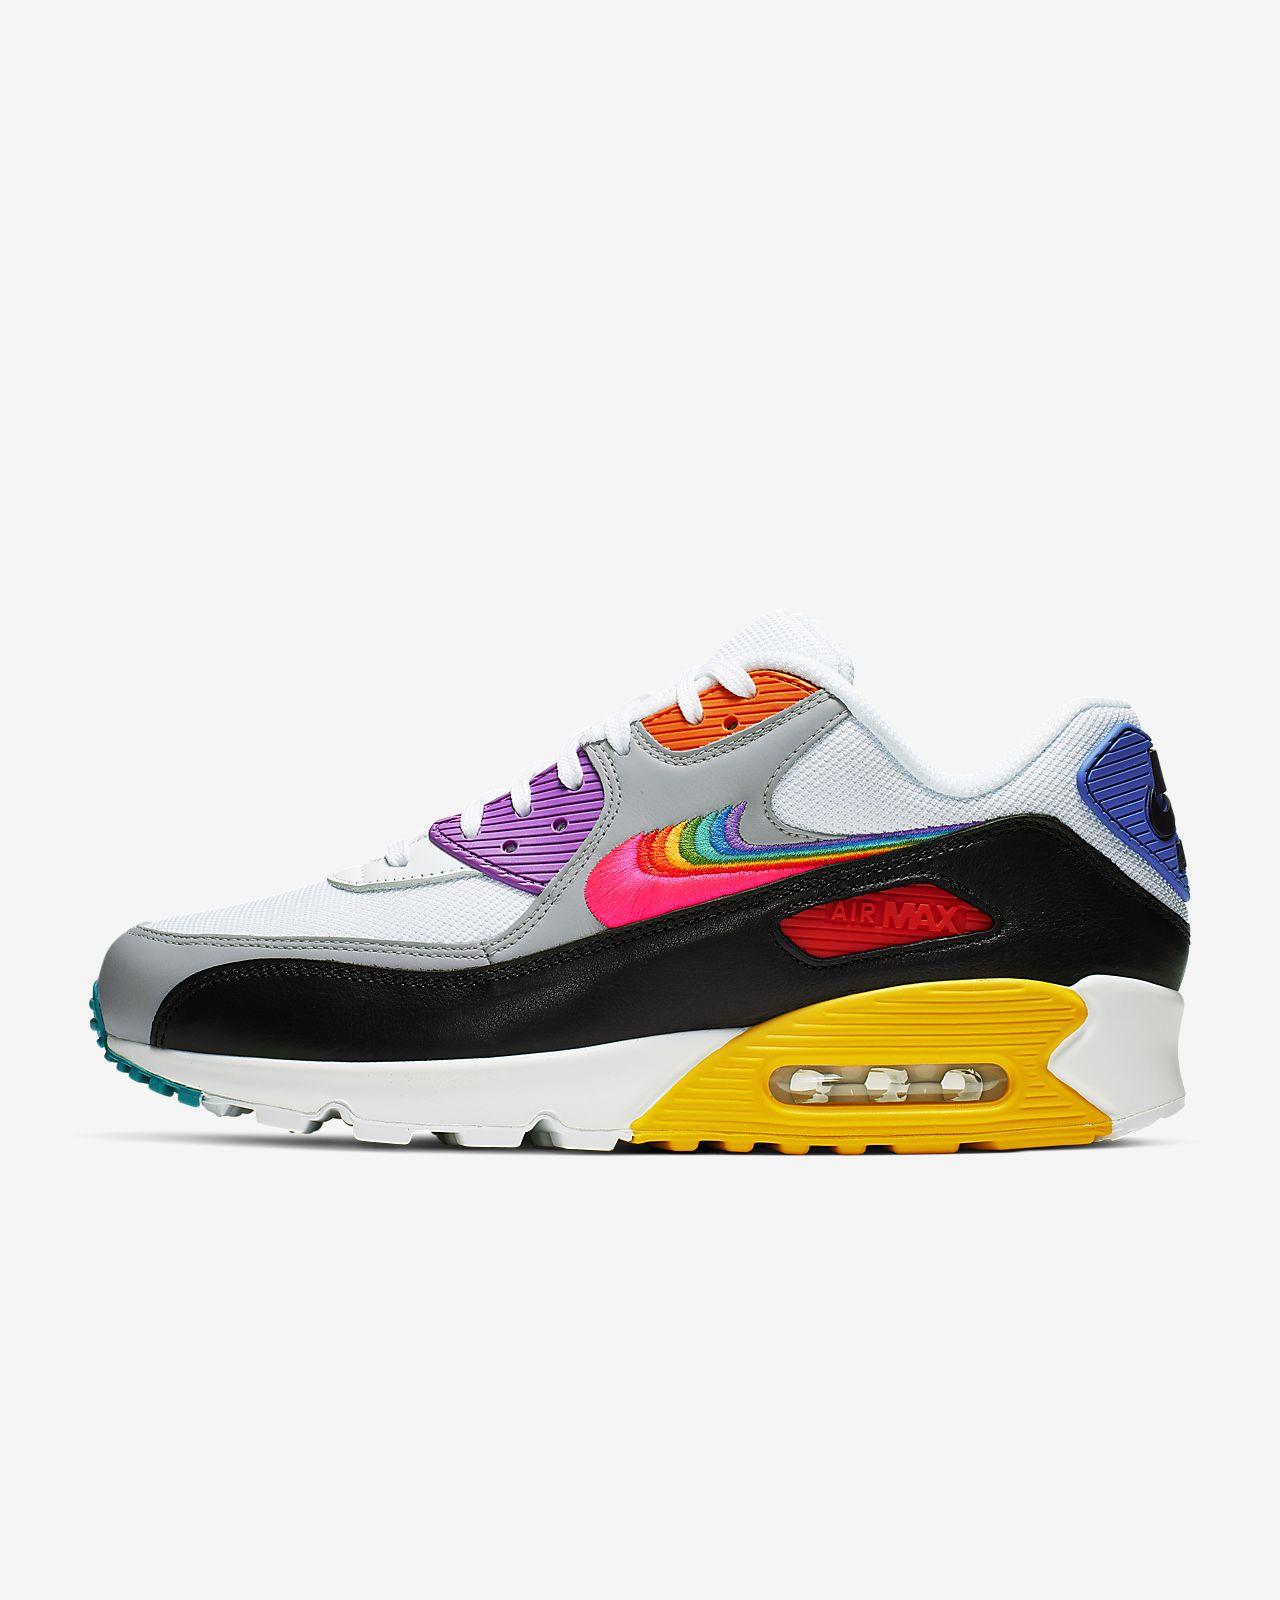 Chaussure Nike Air Max 90 BETRUE